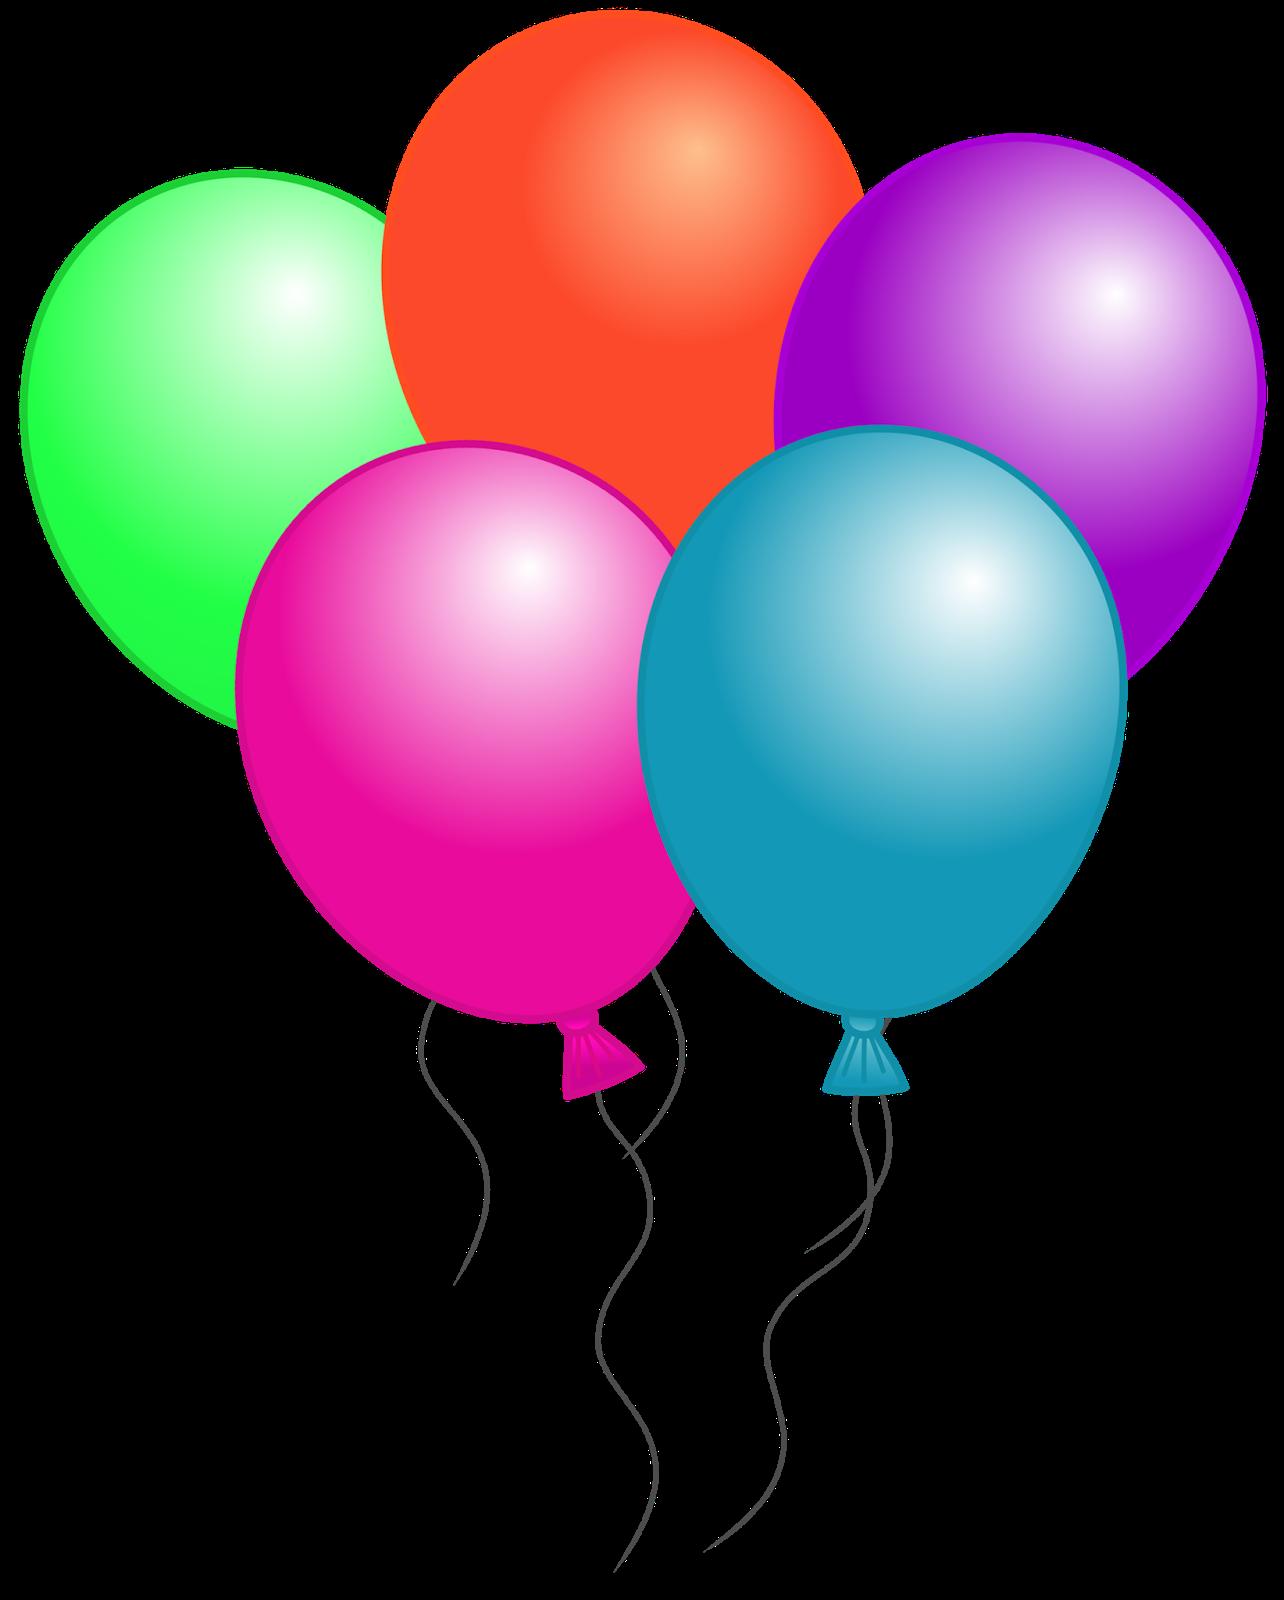 Balloon Clip Art - Clipart Of Balloons